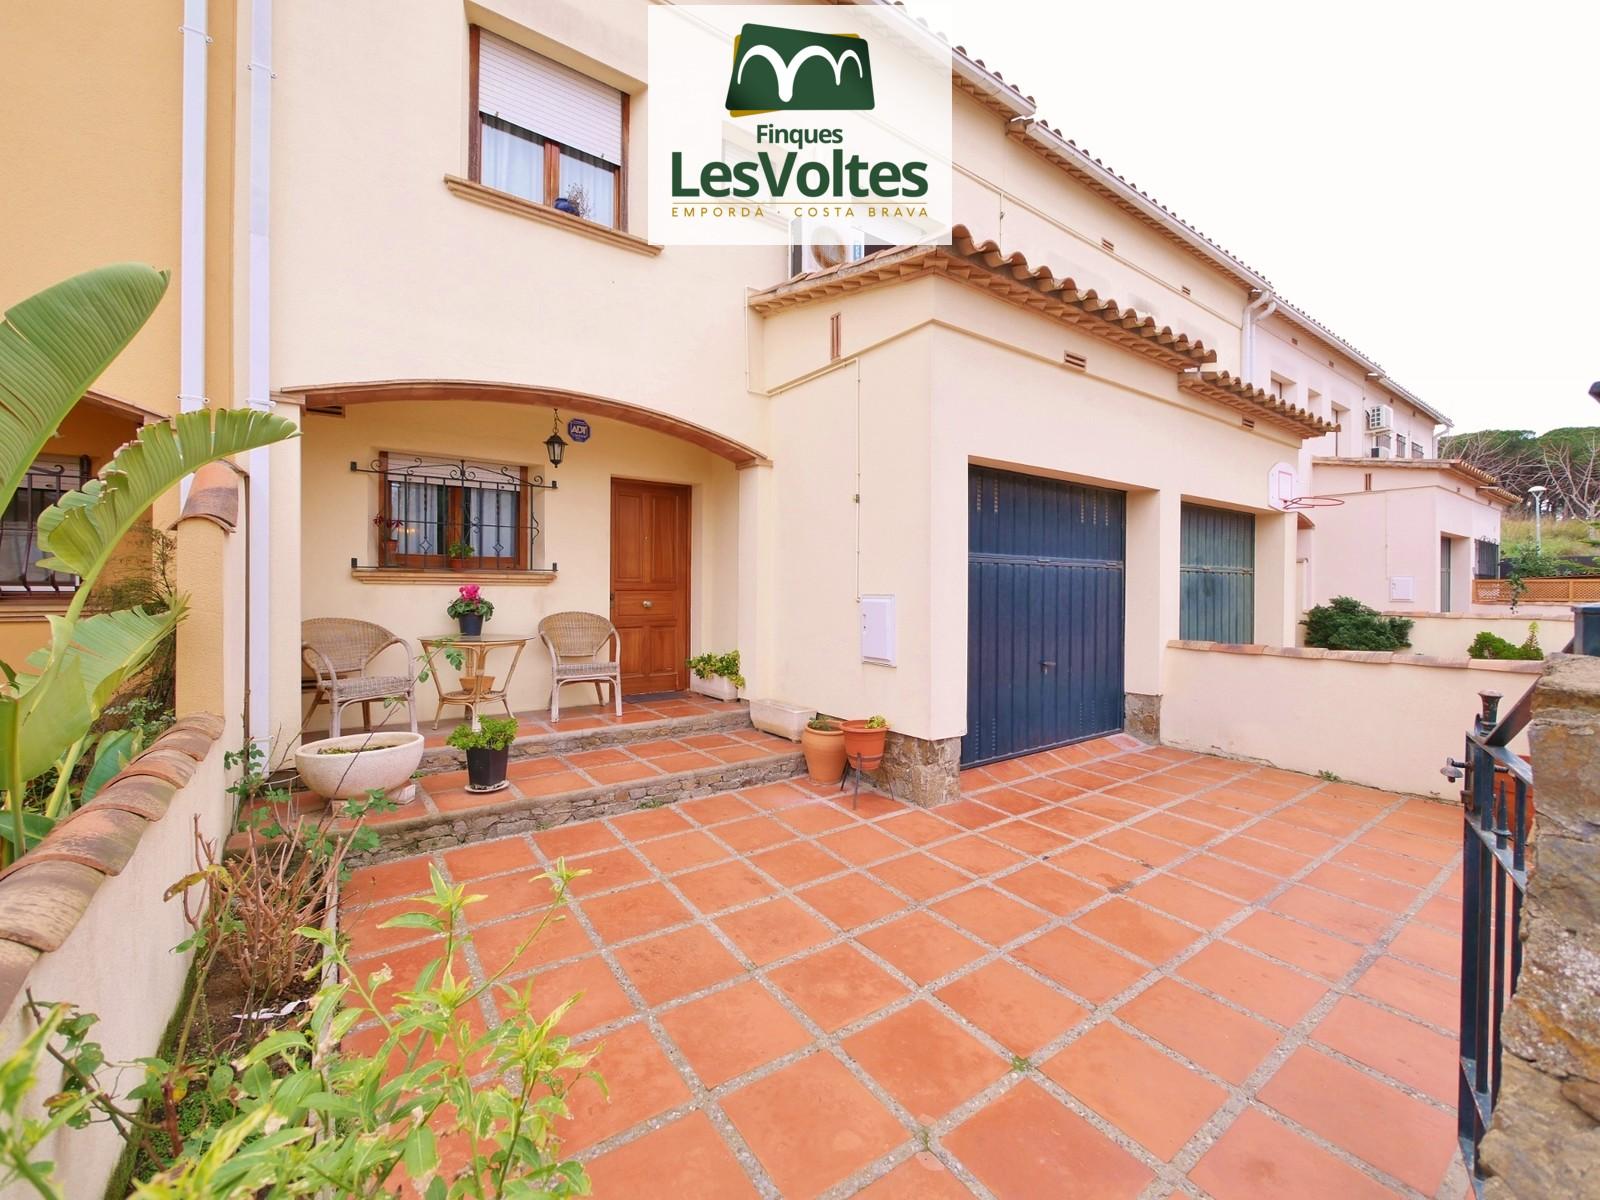 Magnífica casa amb garatge i pati en venda a Palafrugell. Zona residencial tranquil·la.